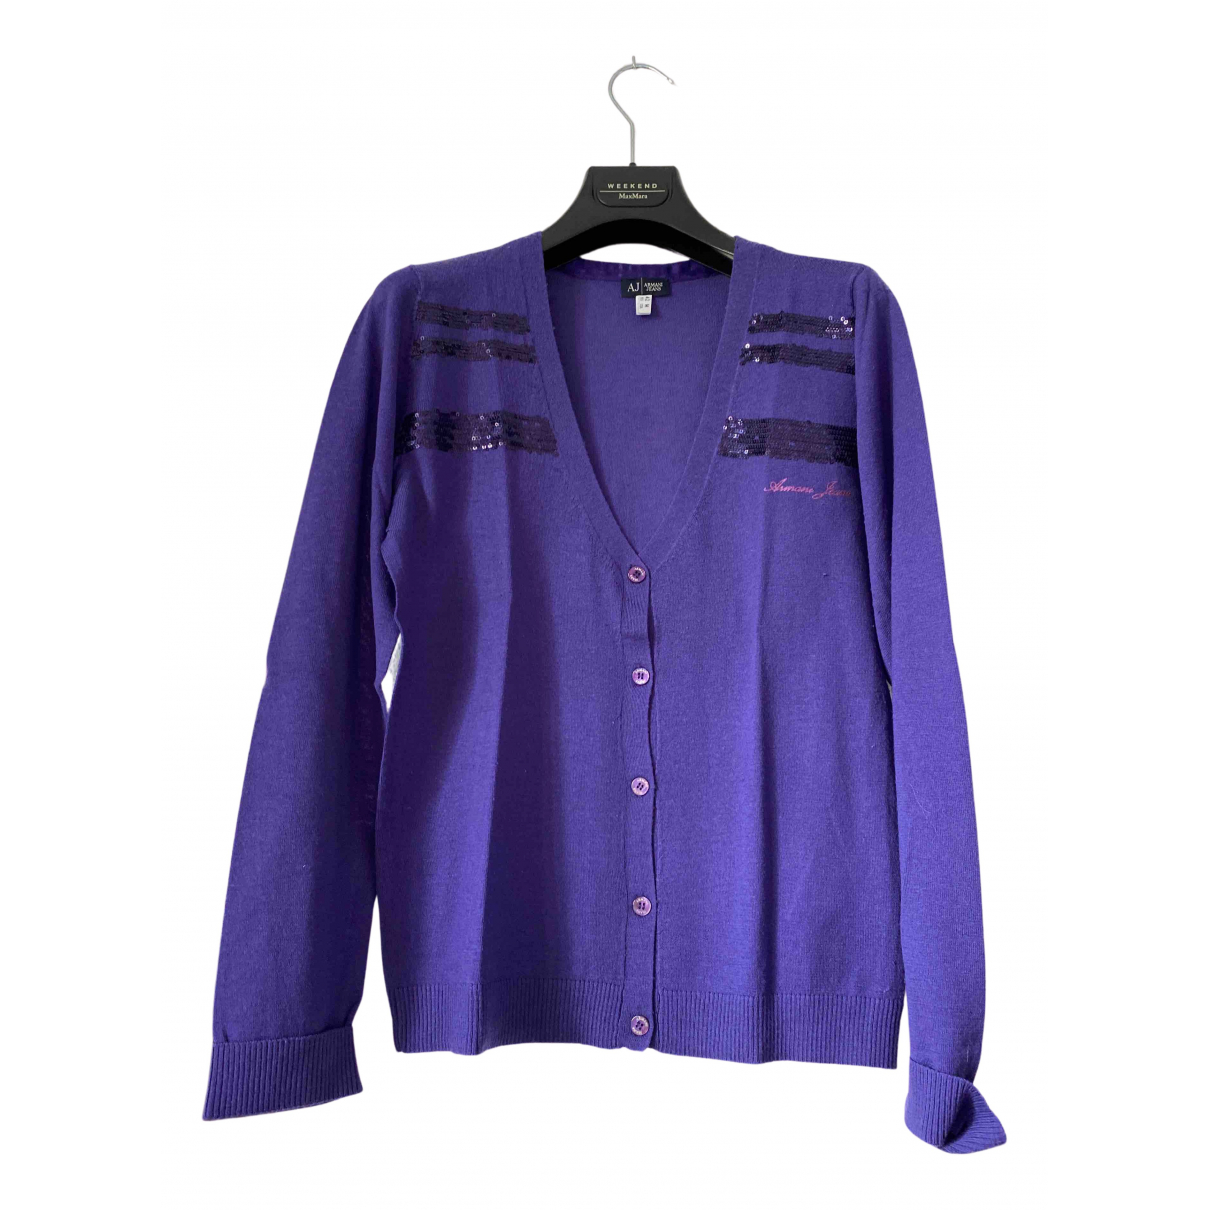 Armani Jeans N Purple Wool Knitwear for Women 42 IT